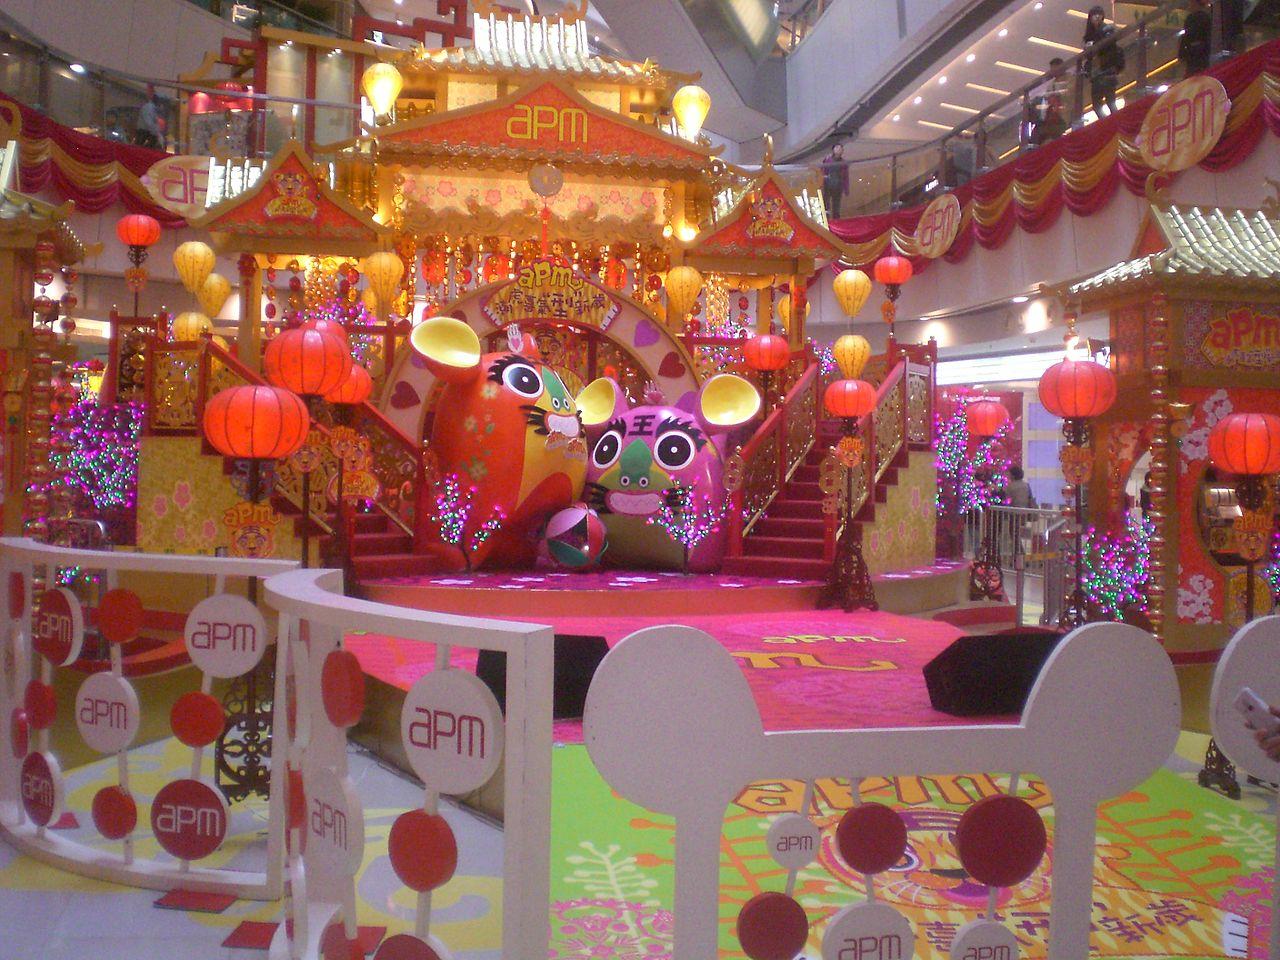 File:HK Kwun Tong Apm Concourse new year decor 01.JPG ...